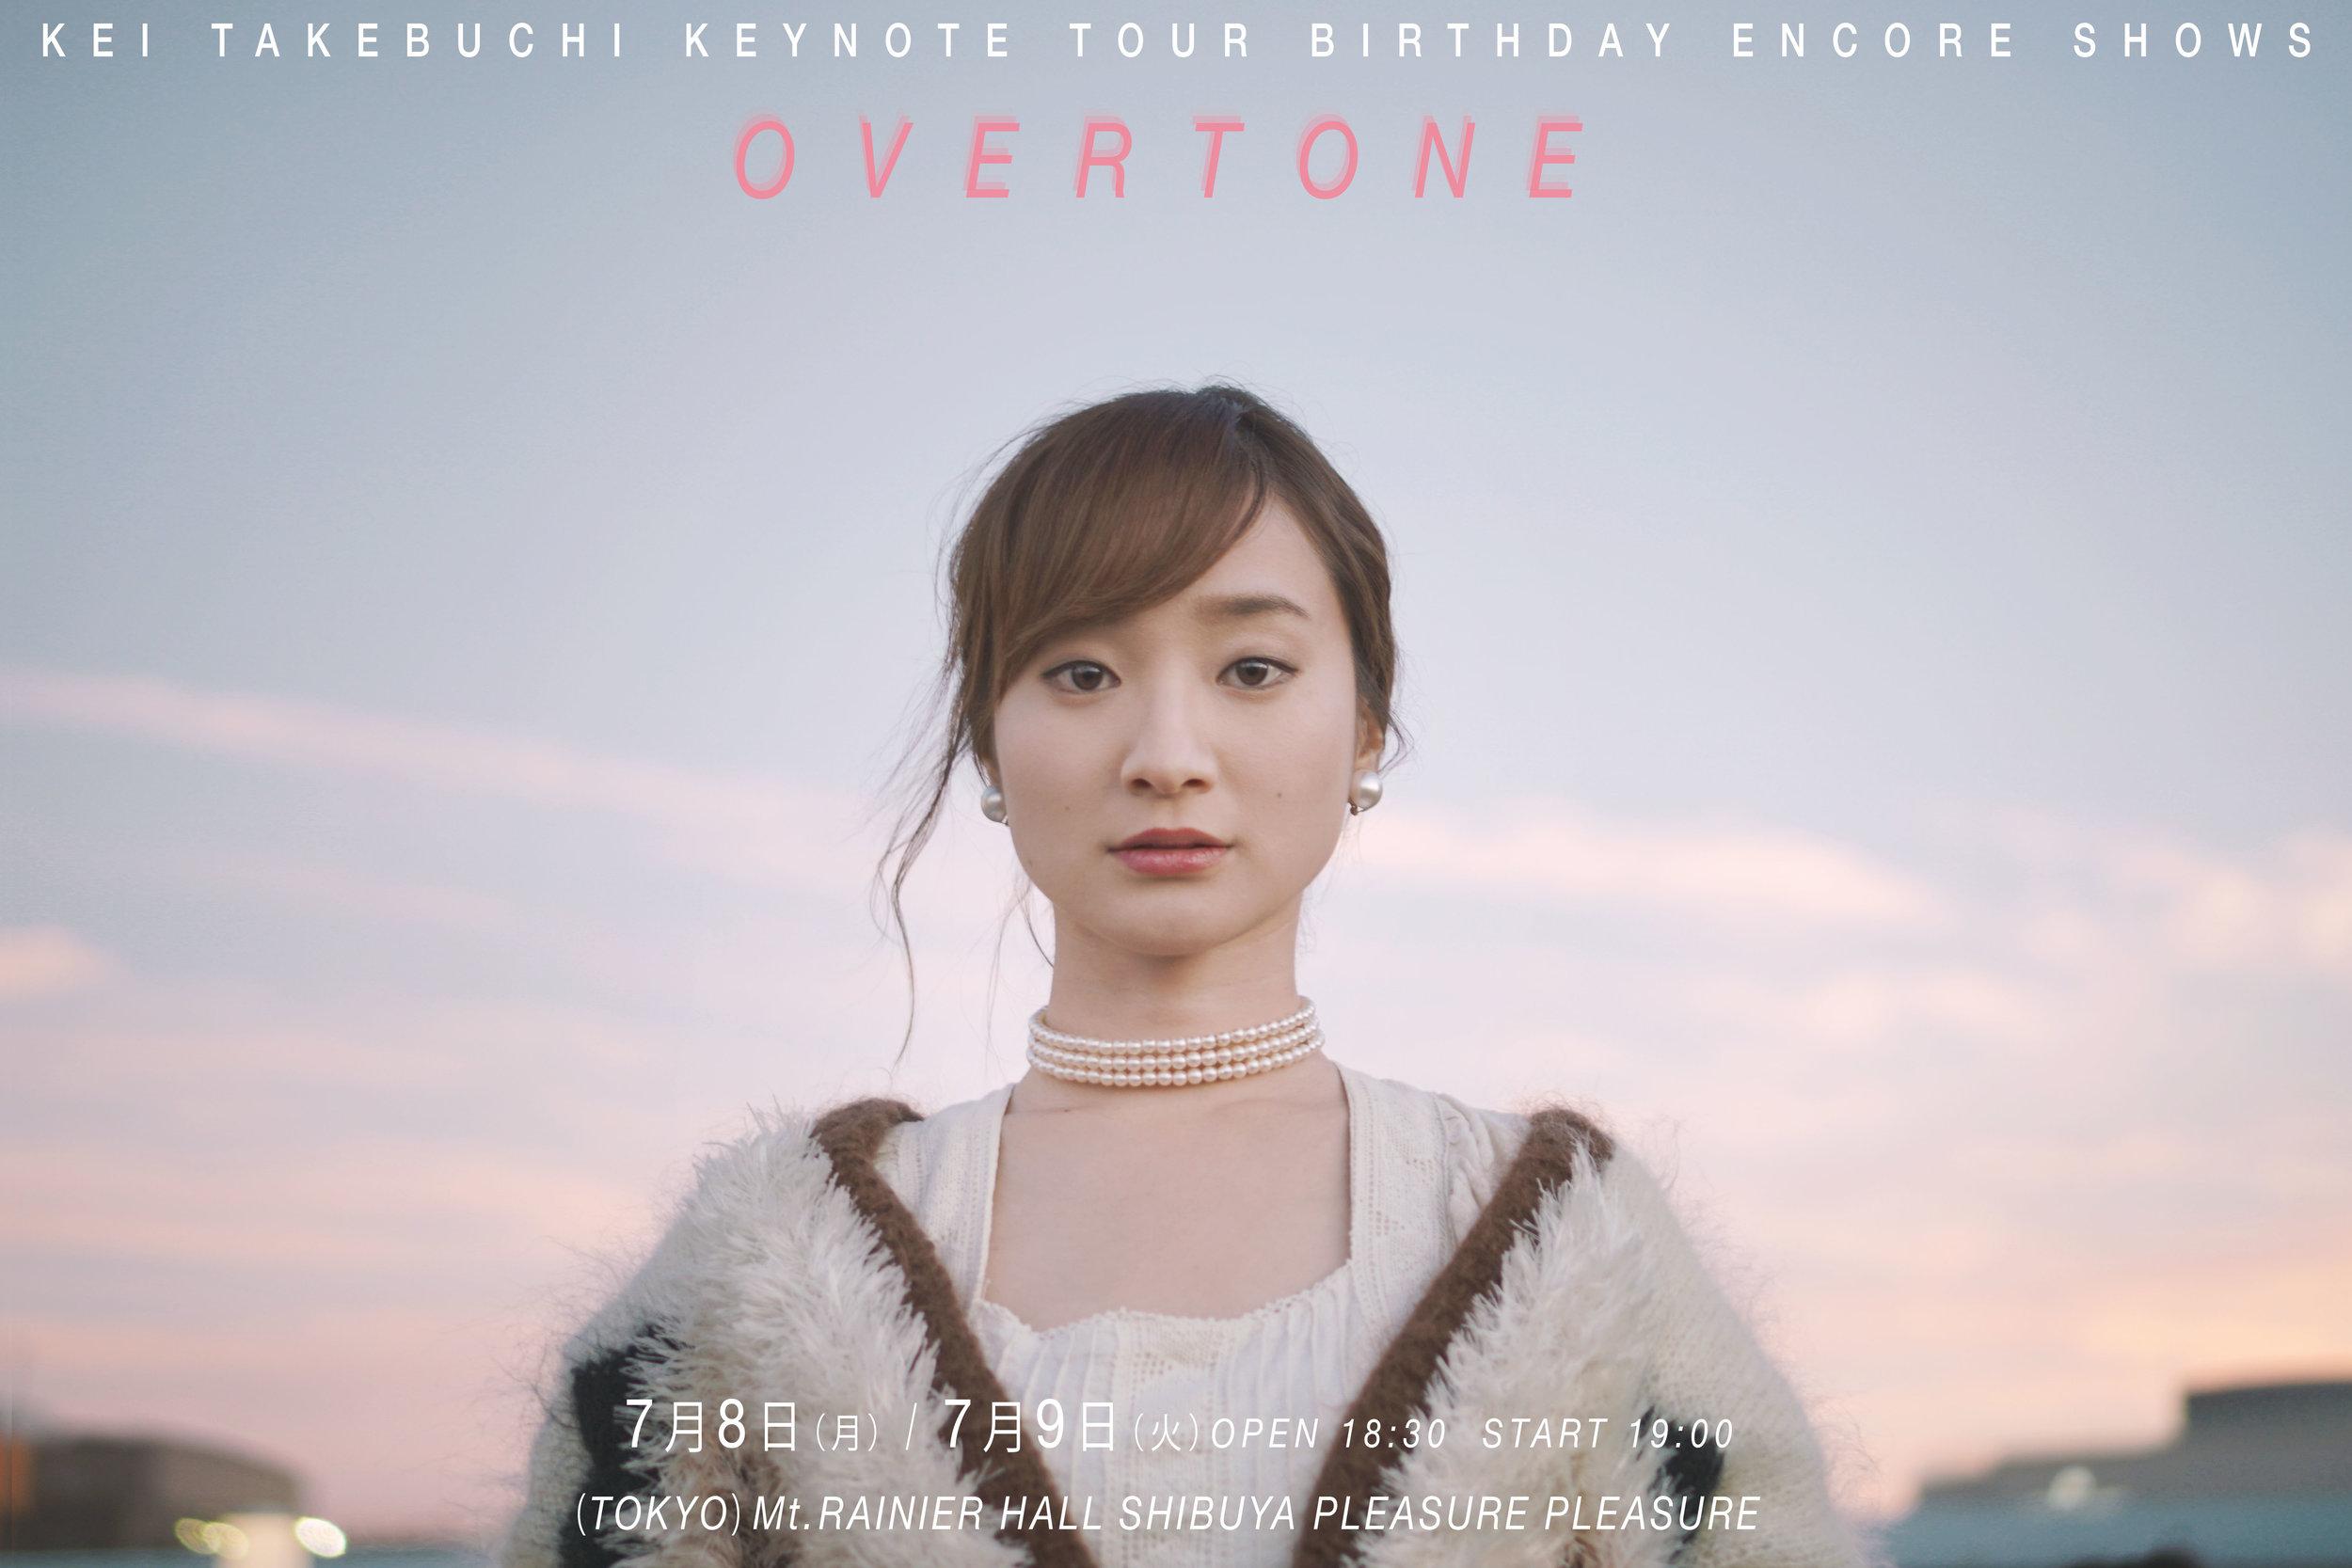 Kei Takebuchi Overtone